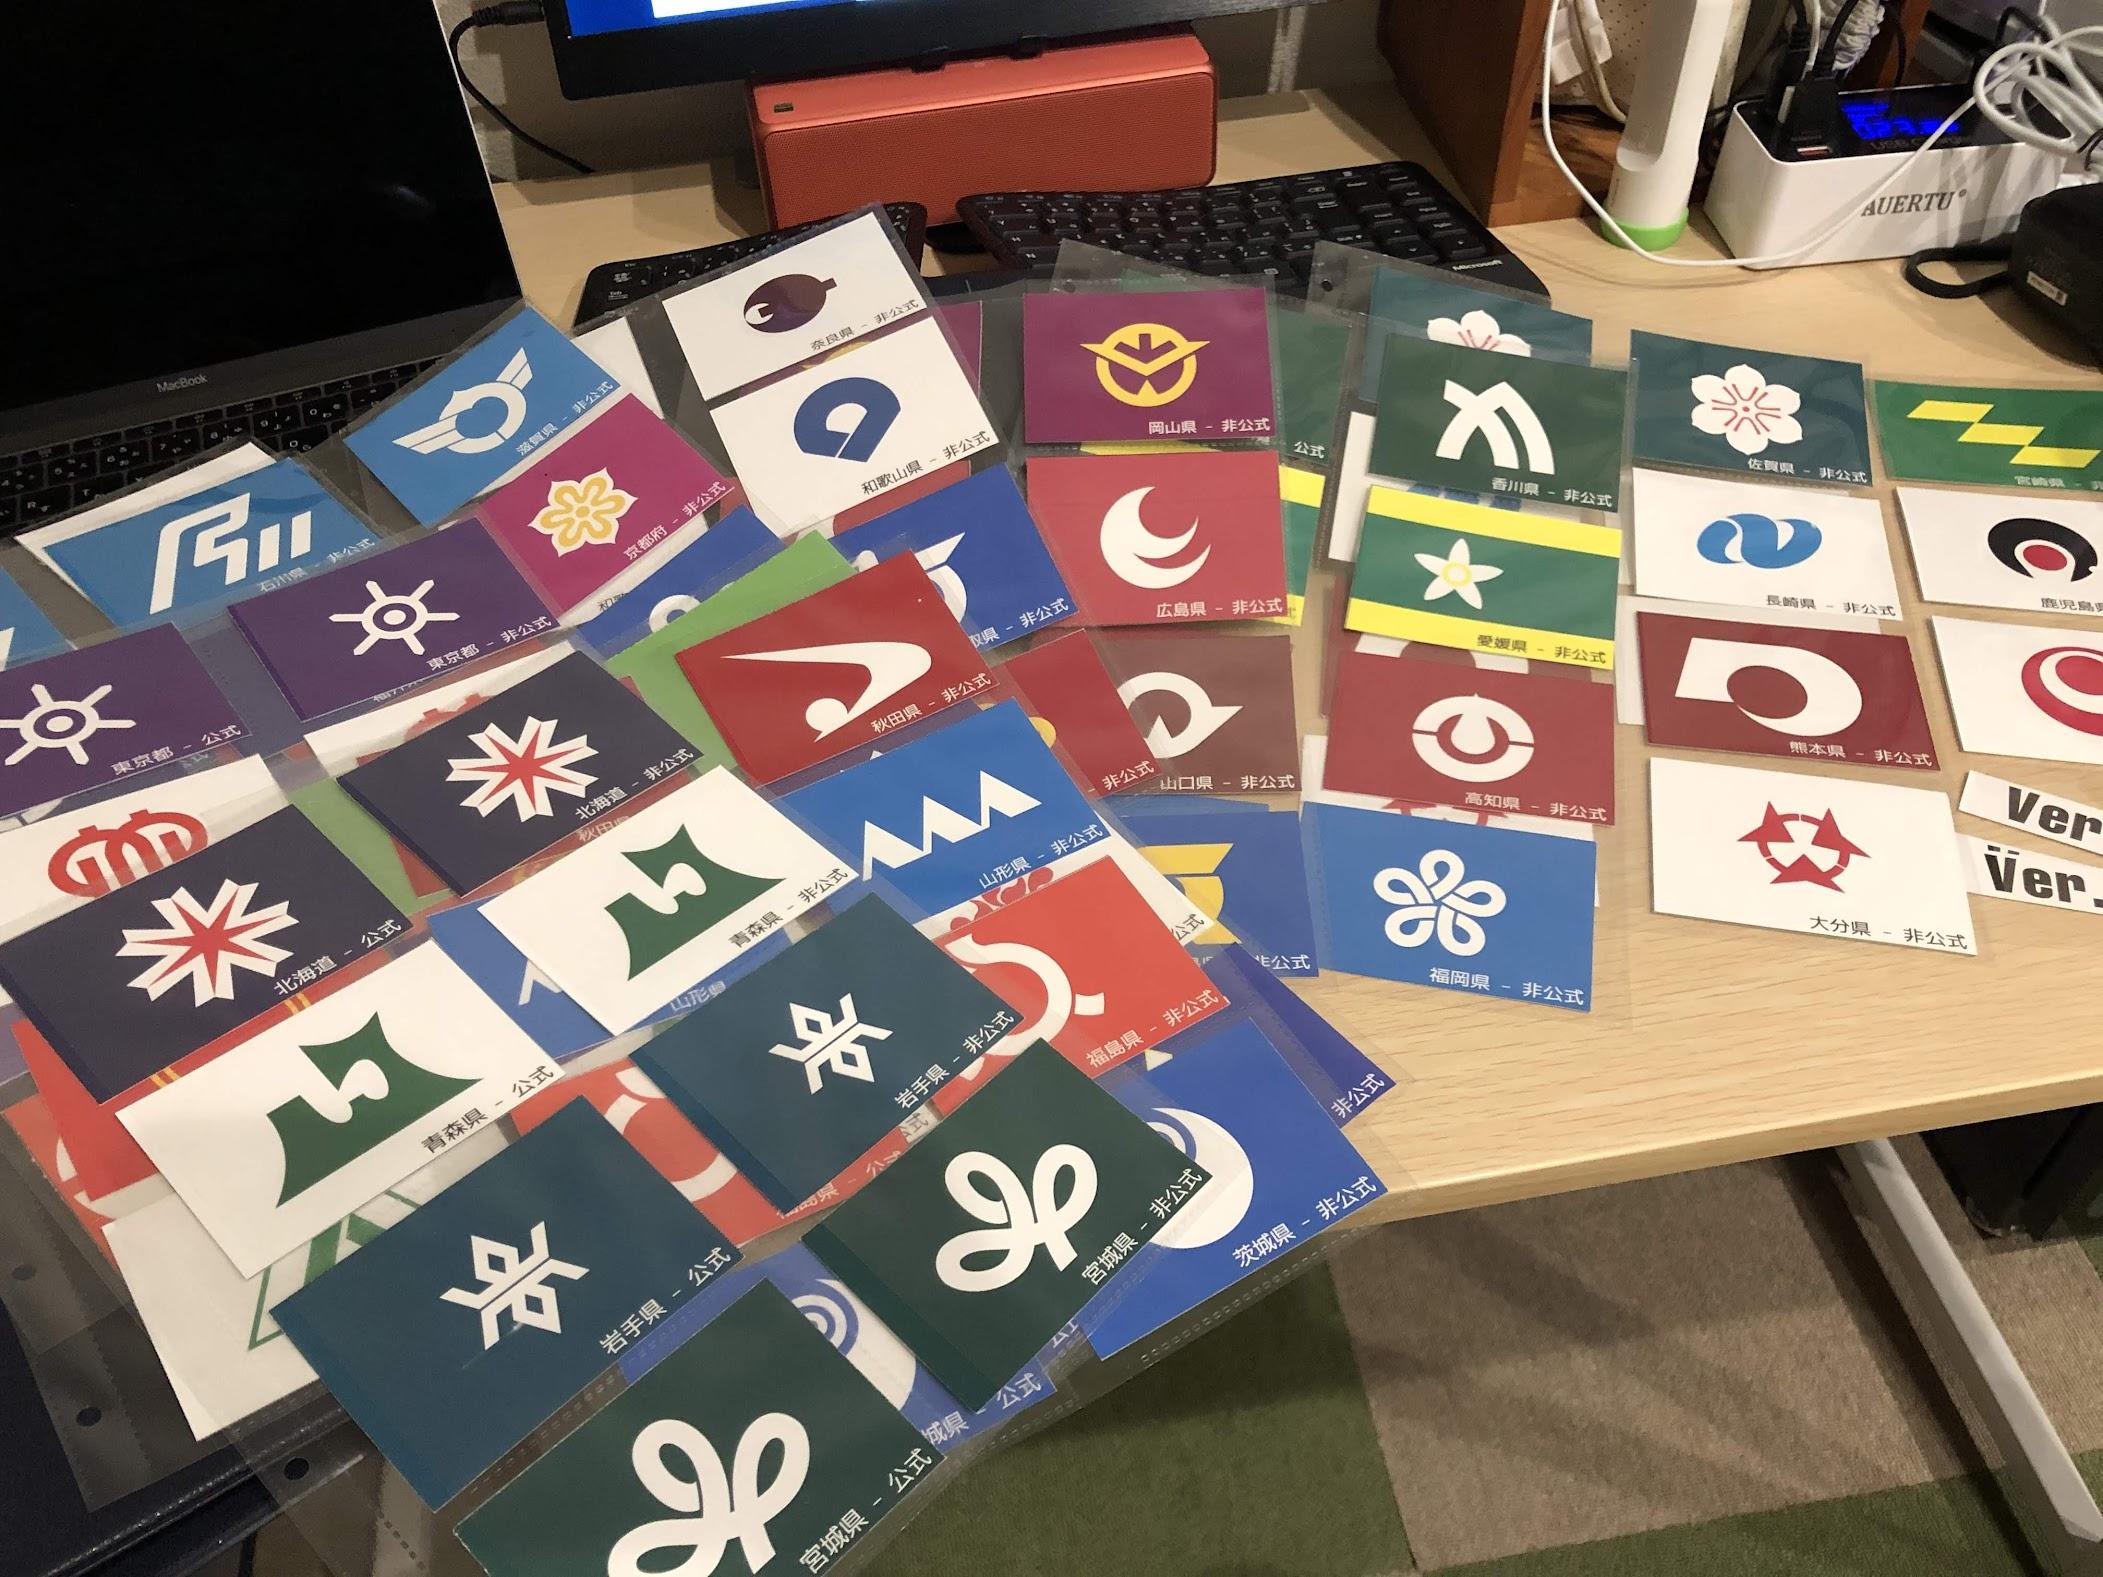 ダムカードのリフィルに都道府県旗のカードを入れてインデックスにしてみよう